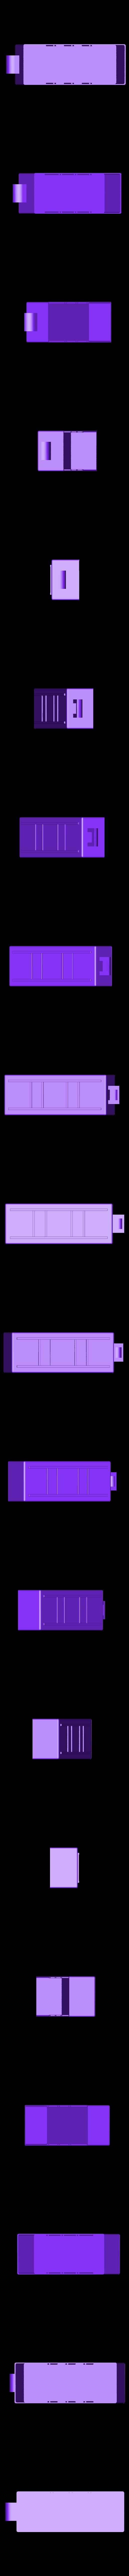 boite.stl Télécharger fichier STL gratuit Boîtier de tiroir et entretoises pour l'organiseur • Objet imprimable en 3D, petrichormarauder